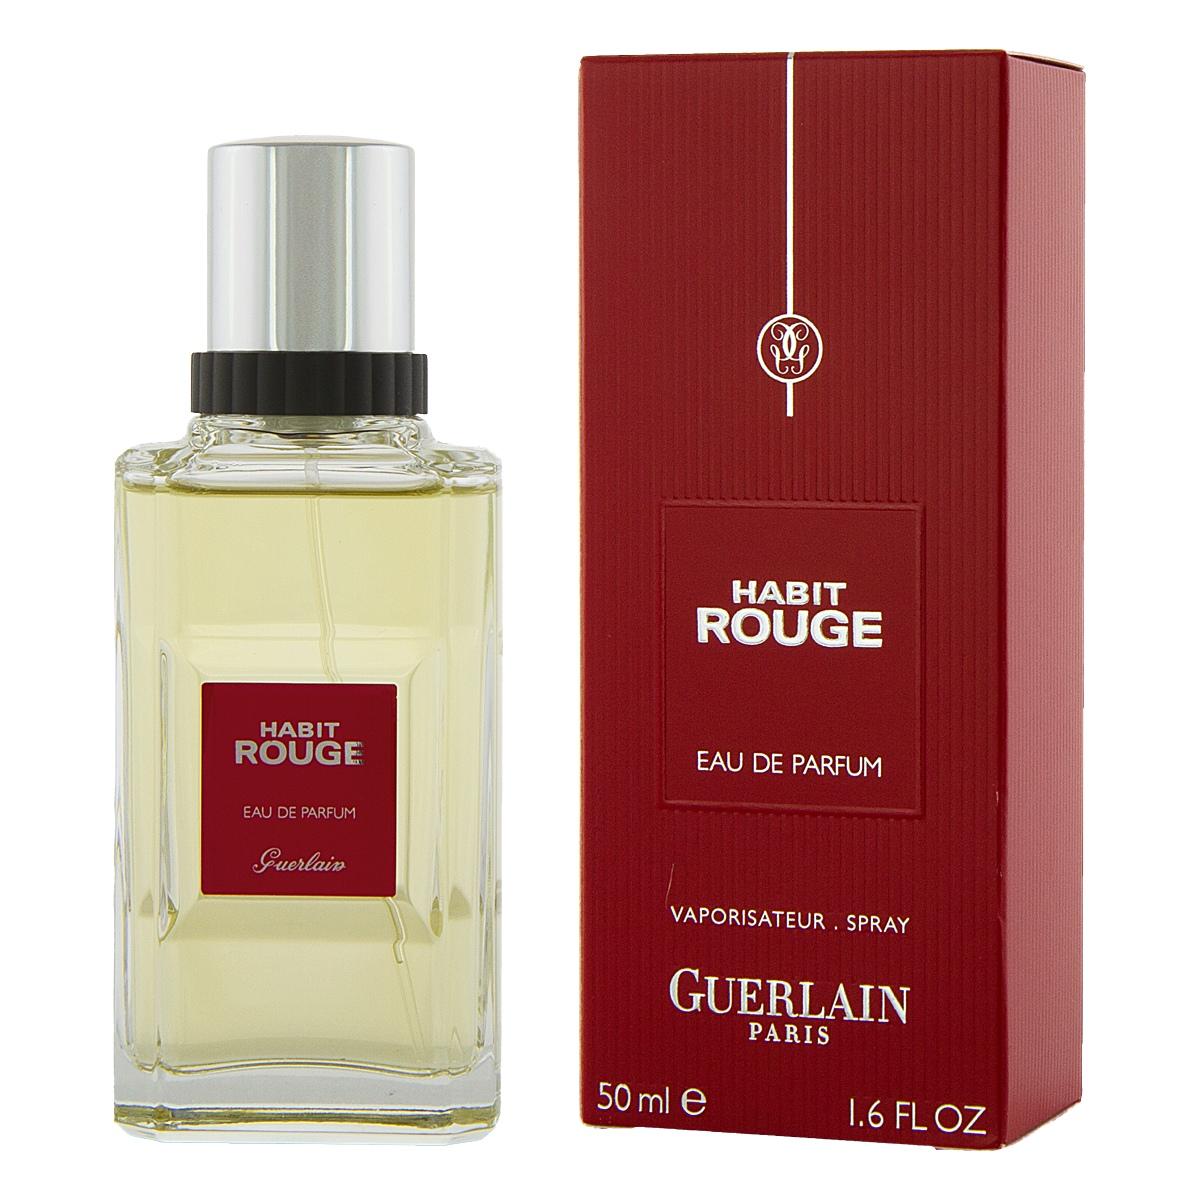 Guerlain Habit Rouge Eau De Parfum 50 ml (man) 77155